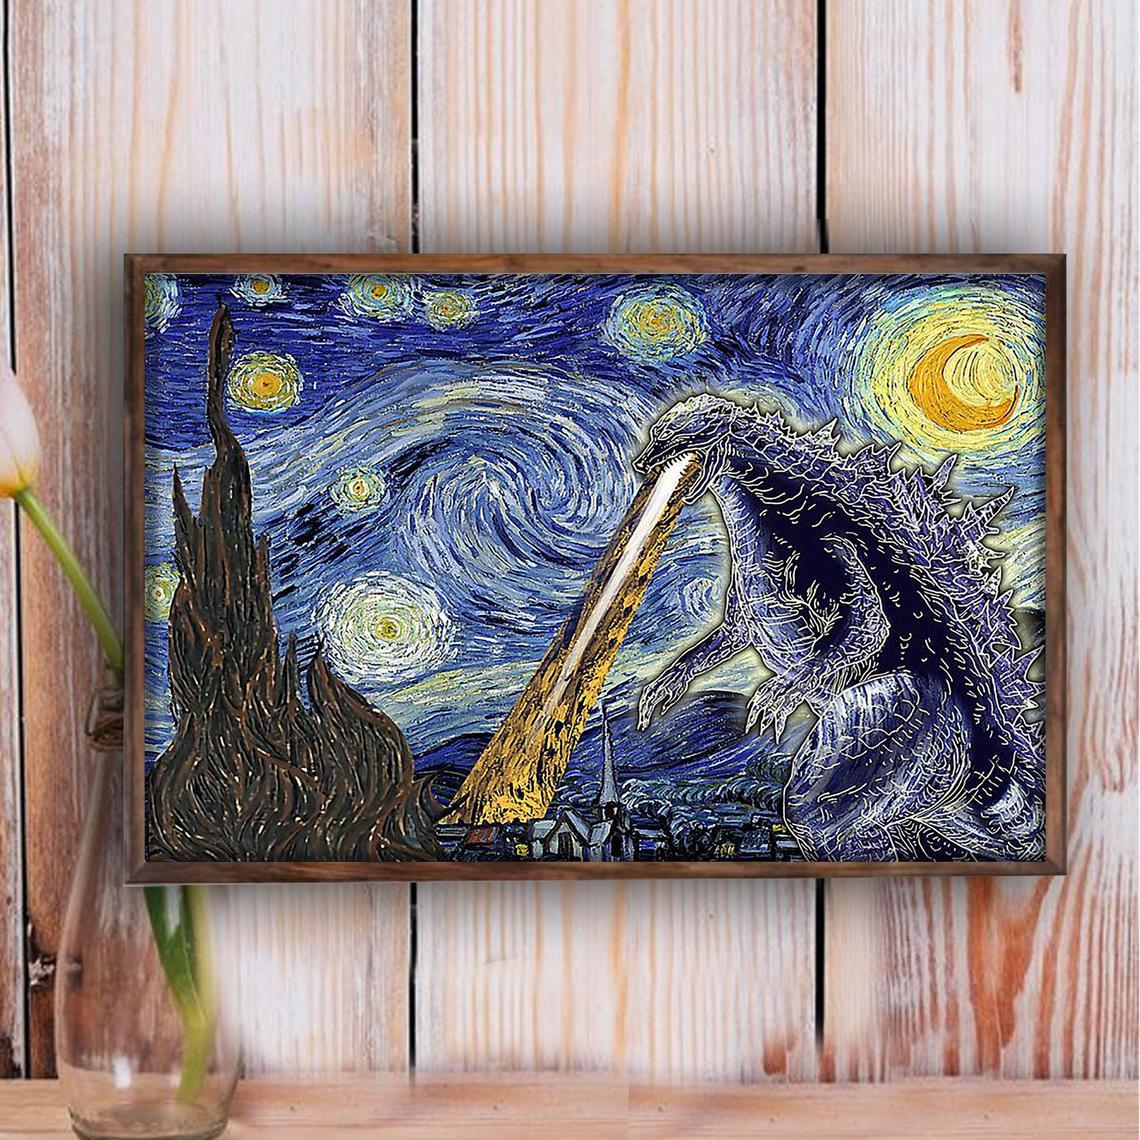 Godzilla Starry Night Poster